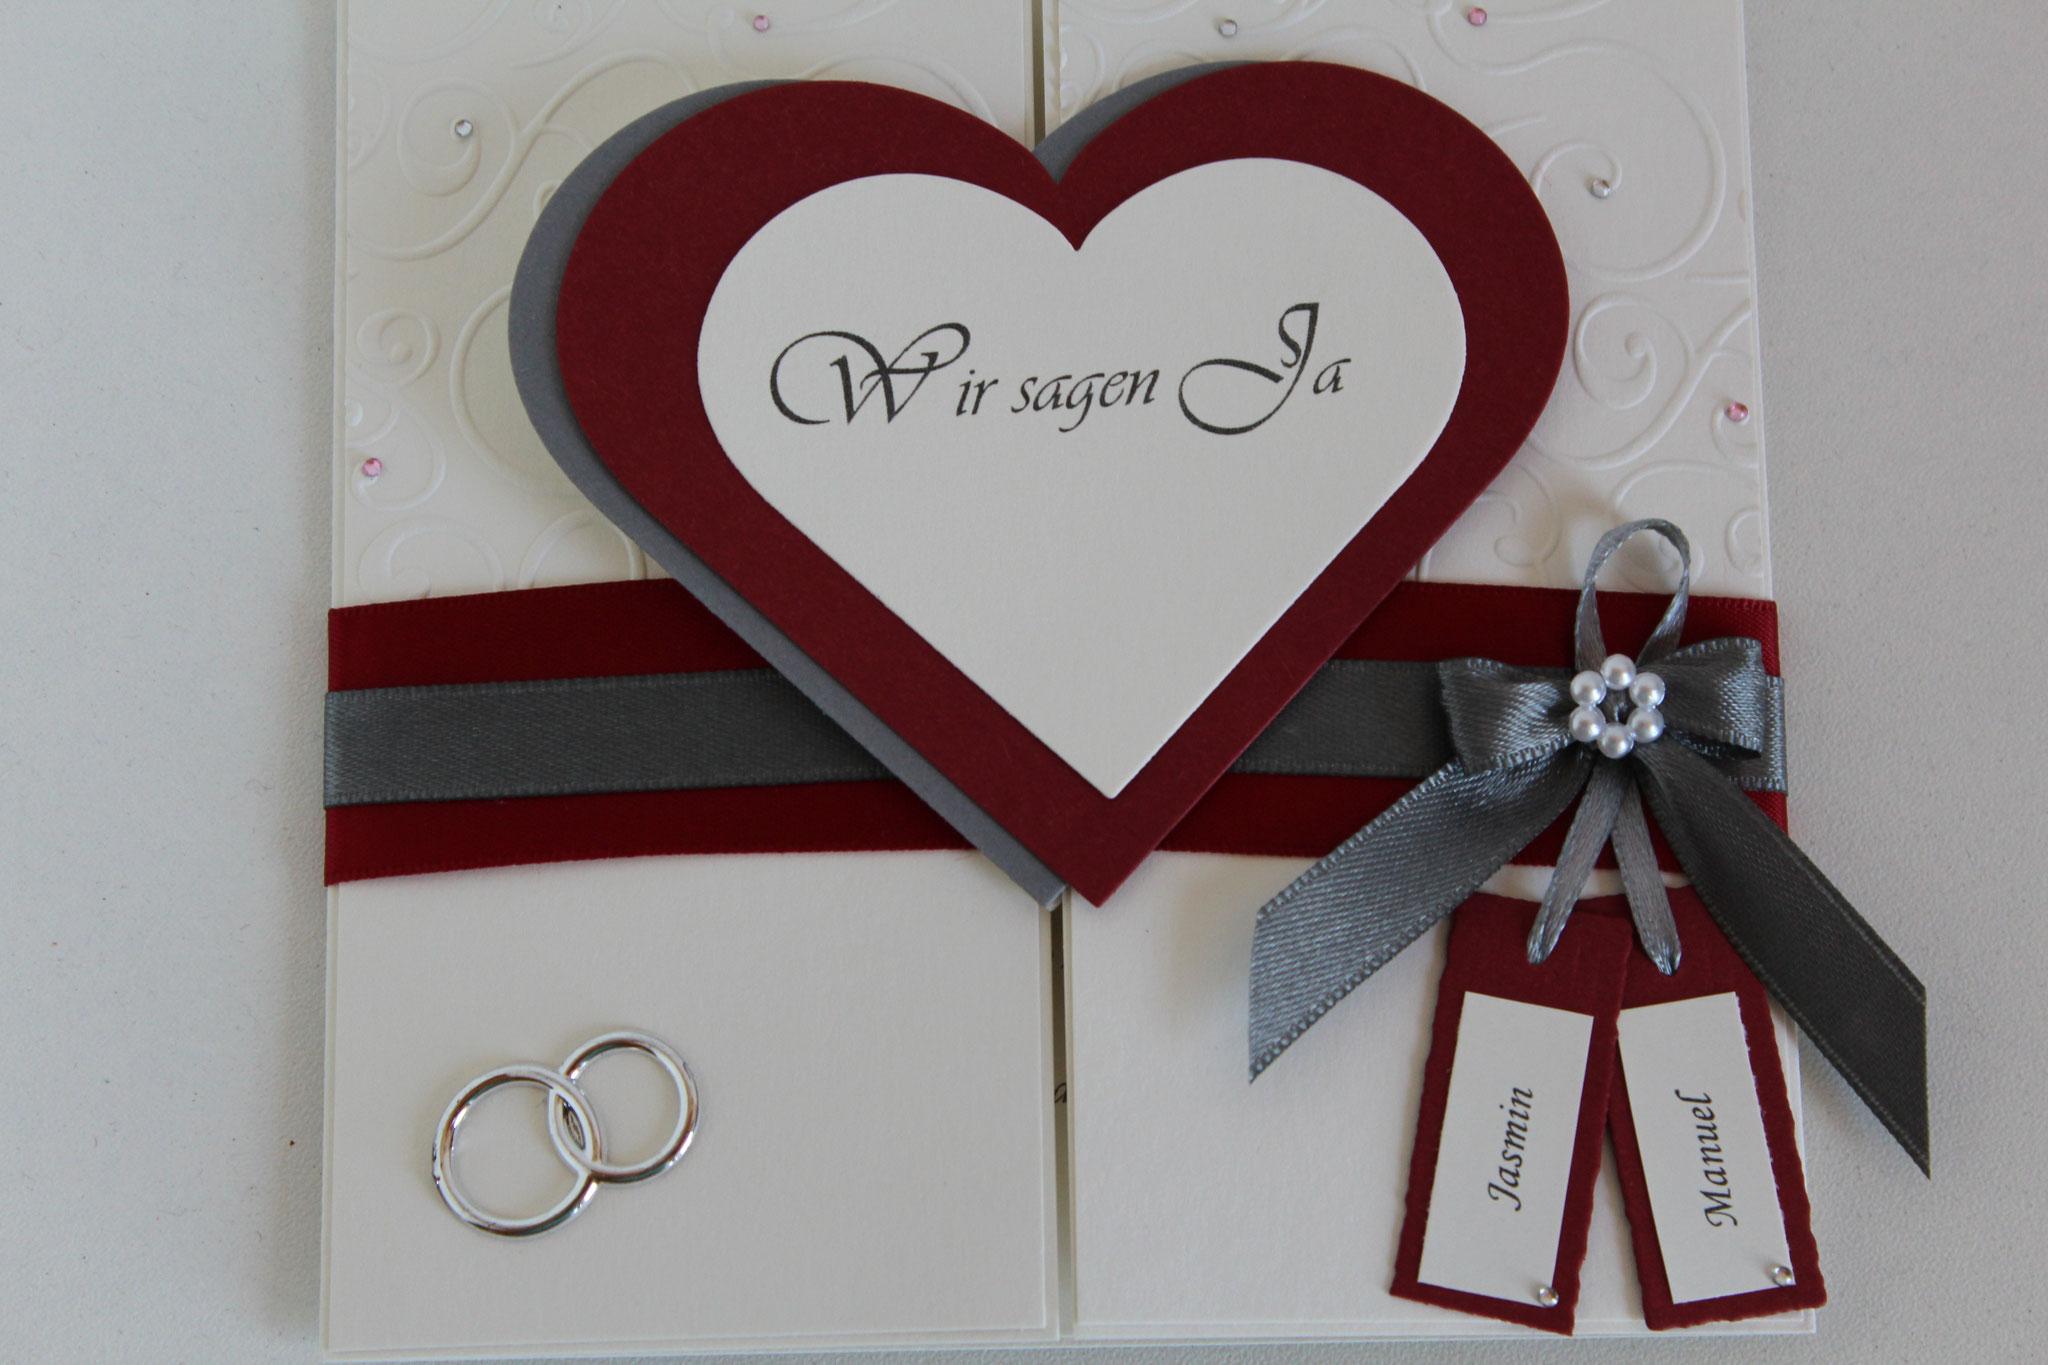 EH 75  mittig zu öffnen. Gerne arbeiten wir ein Bild von Euch auf die Herzinnenseite ein. Anhänger für die Vornamen des Brautpaares.